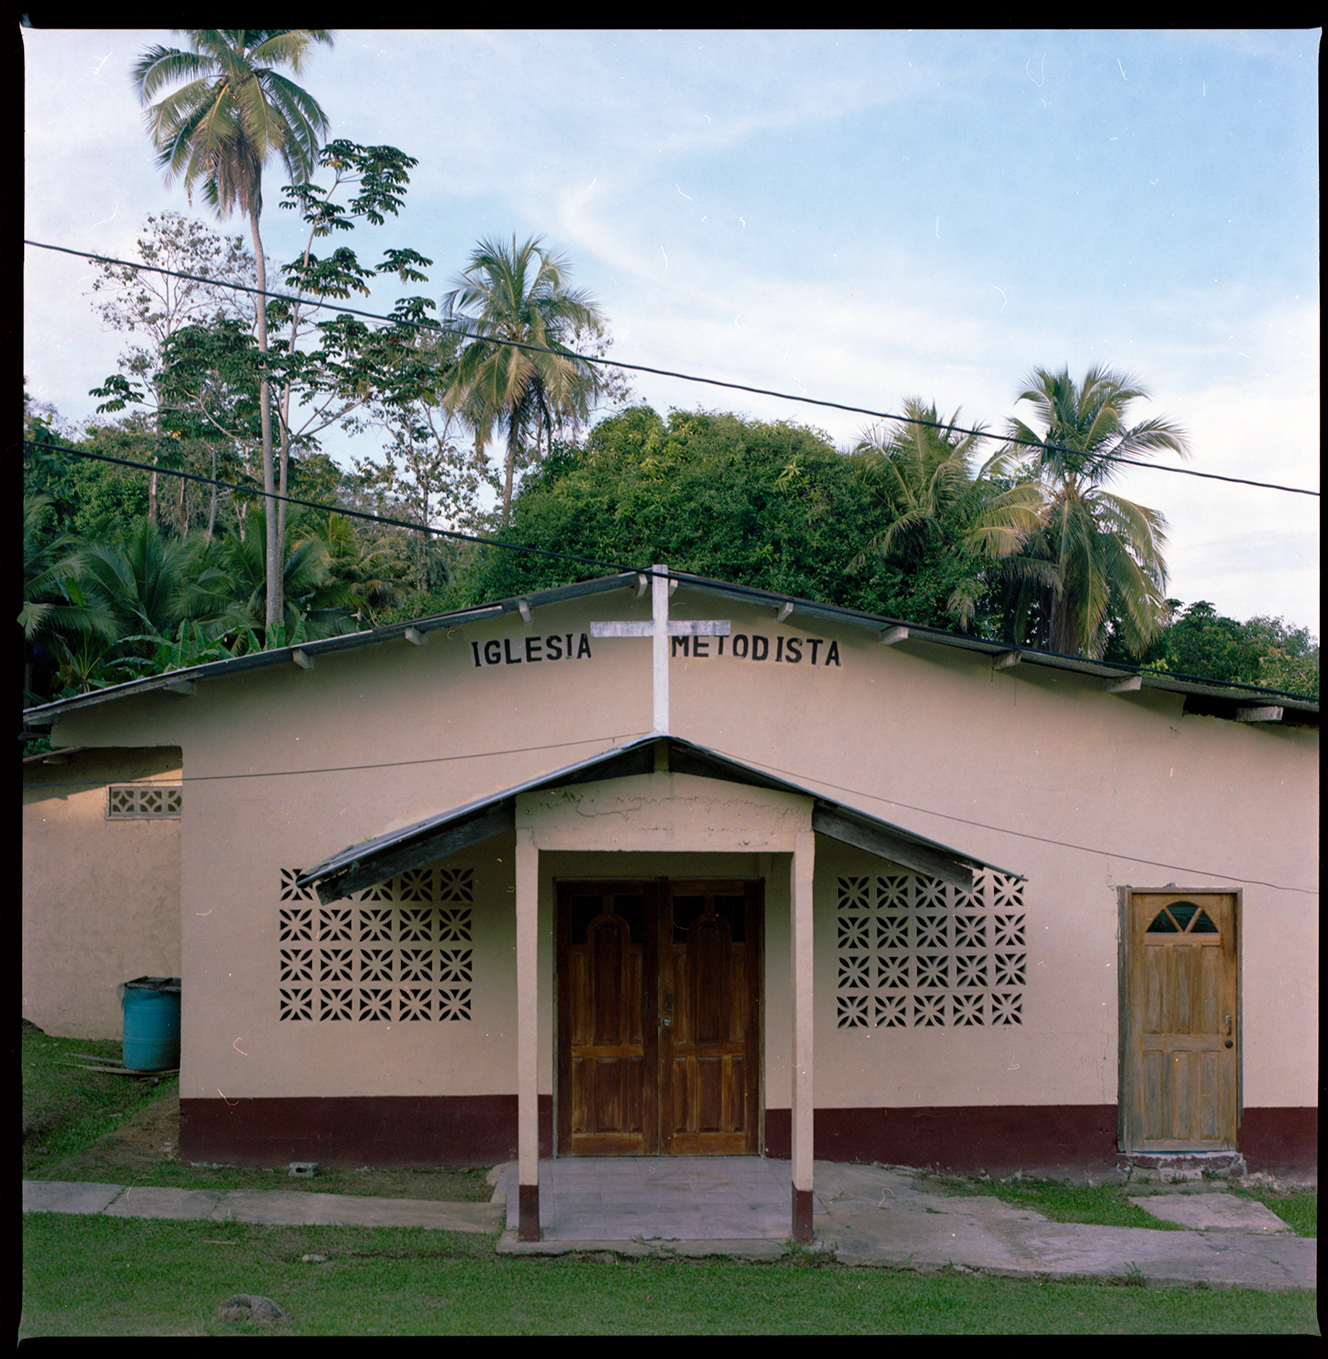 Church in Panama